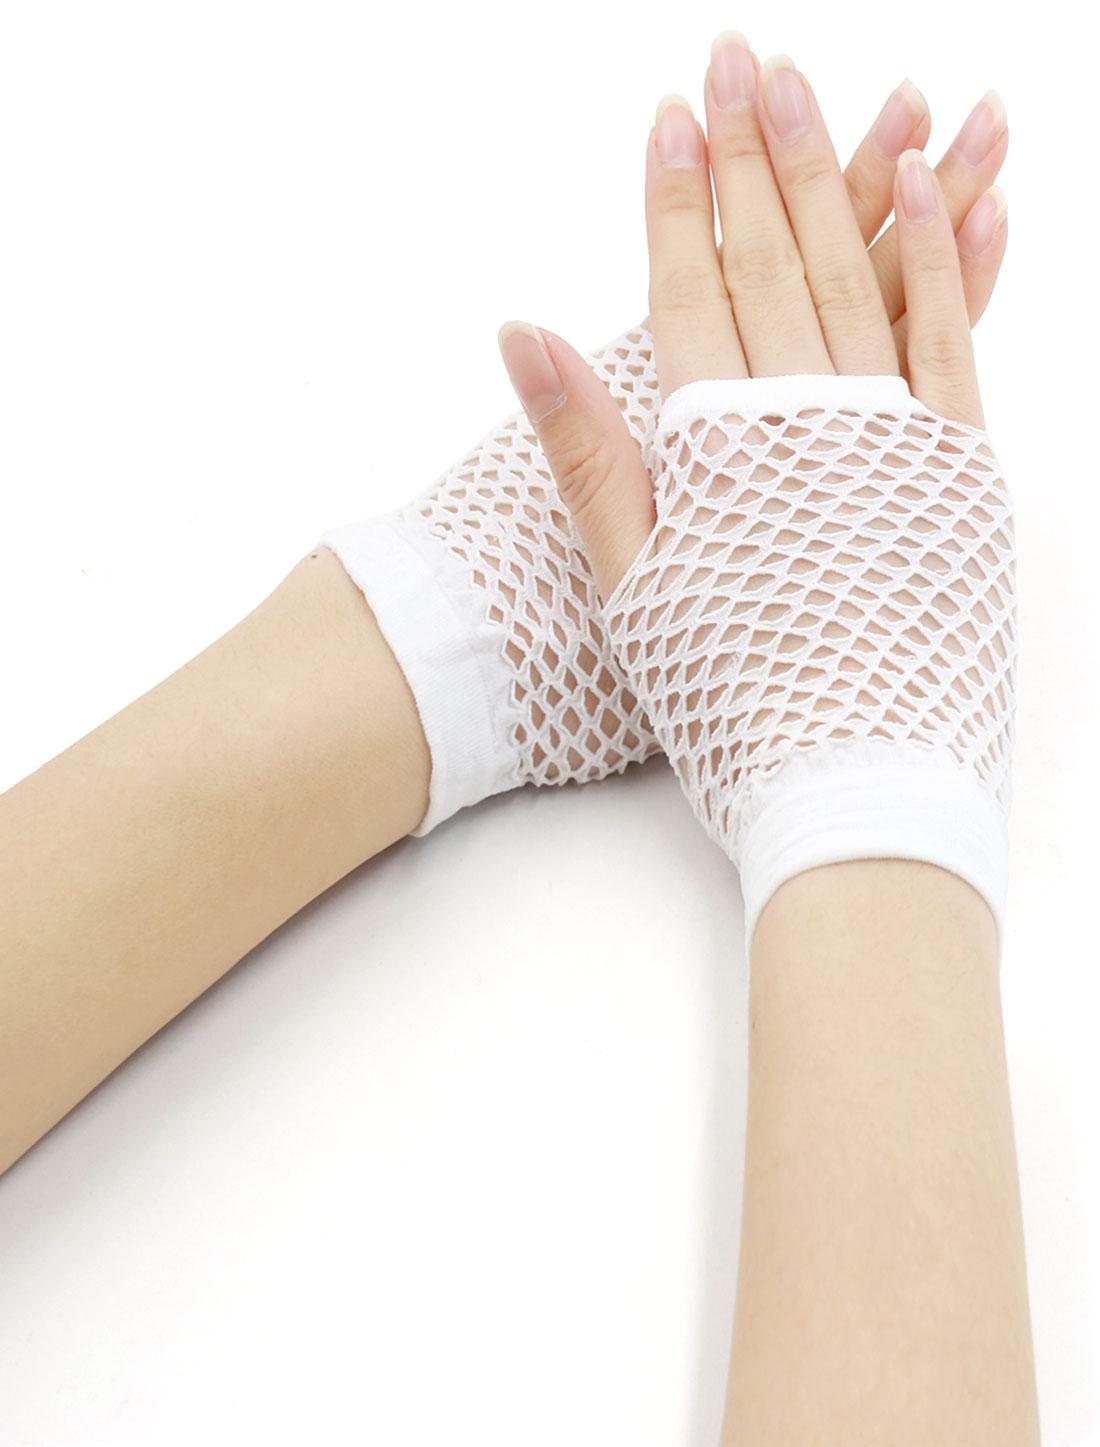 Women Wrist Length Stretchy Fingerless Fishnet Gloves 2 Pairs White